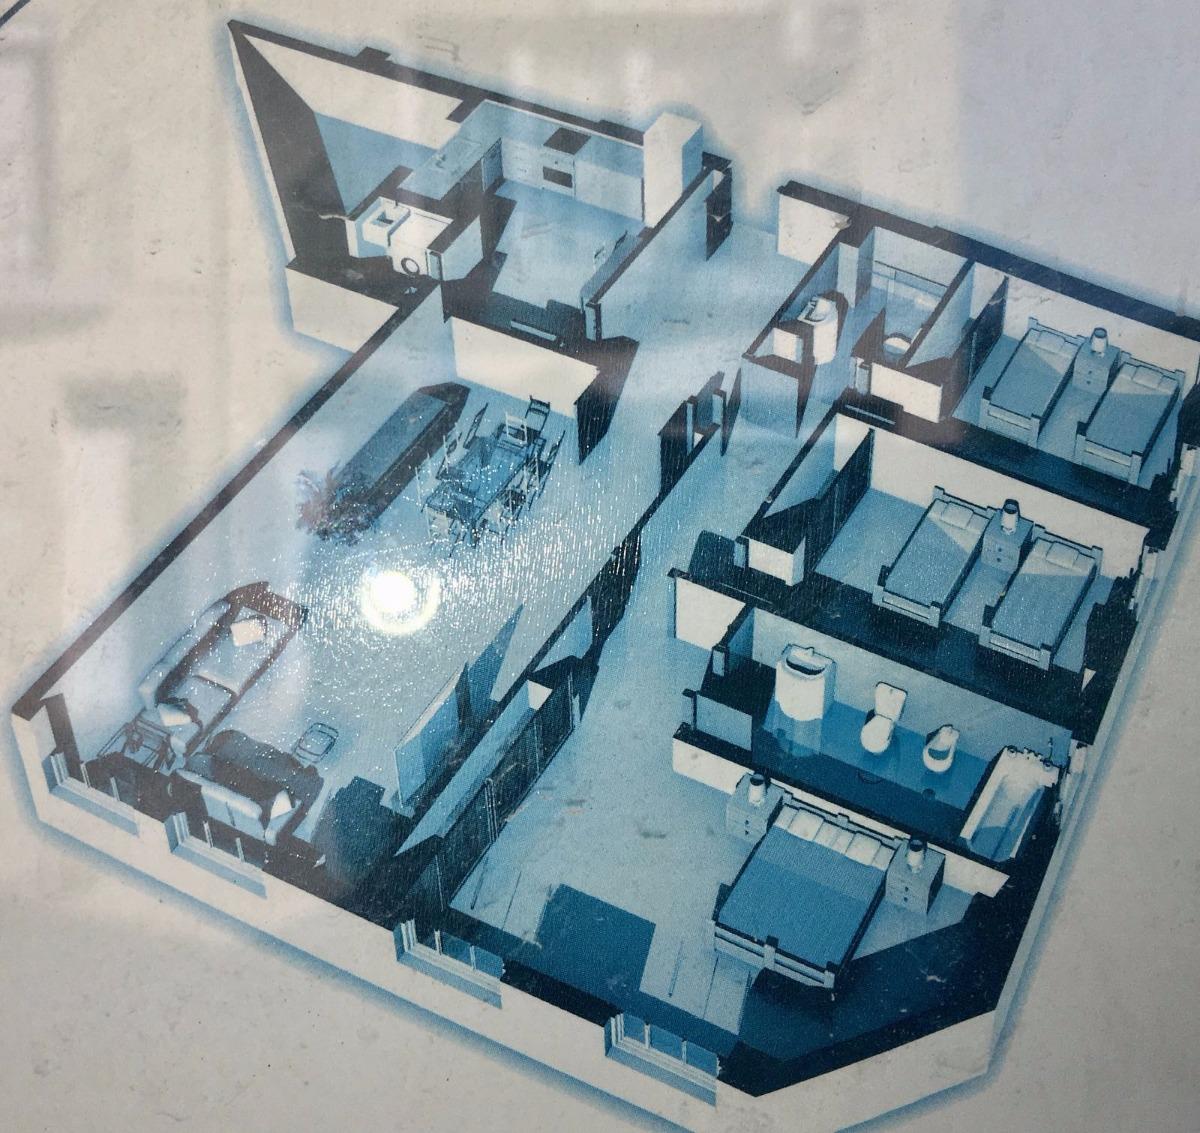 Promoción pisos y aticos a estrenar en lloc nou de sant jeroni , a 5 min. de gandía. - imagenInmueble30